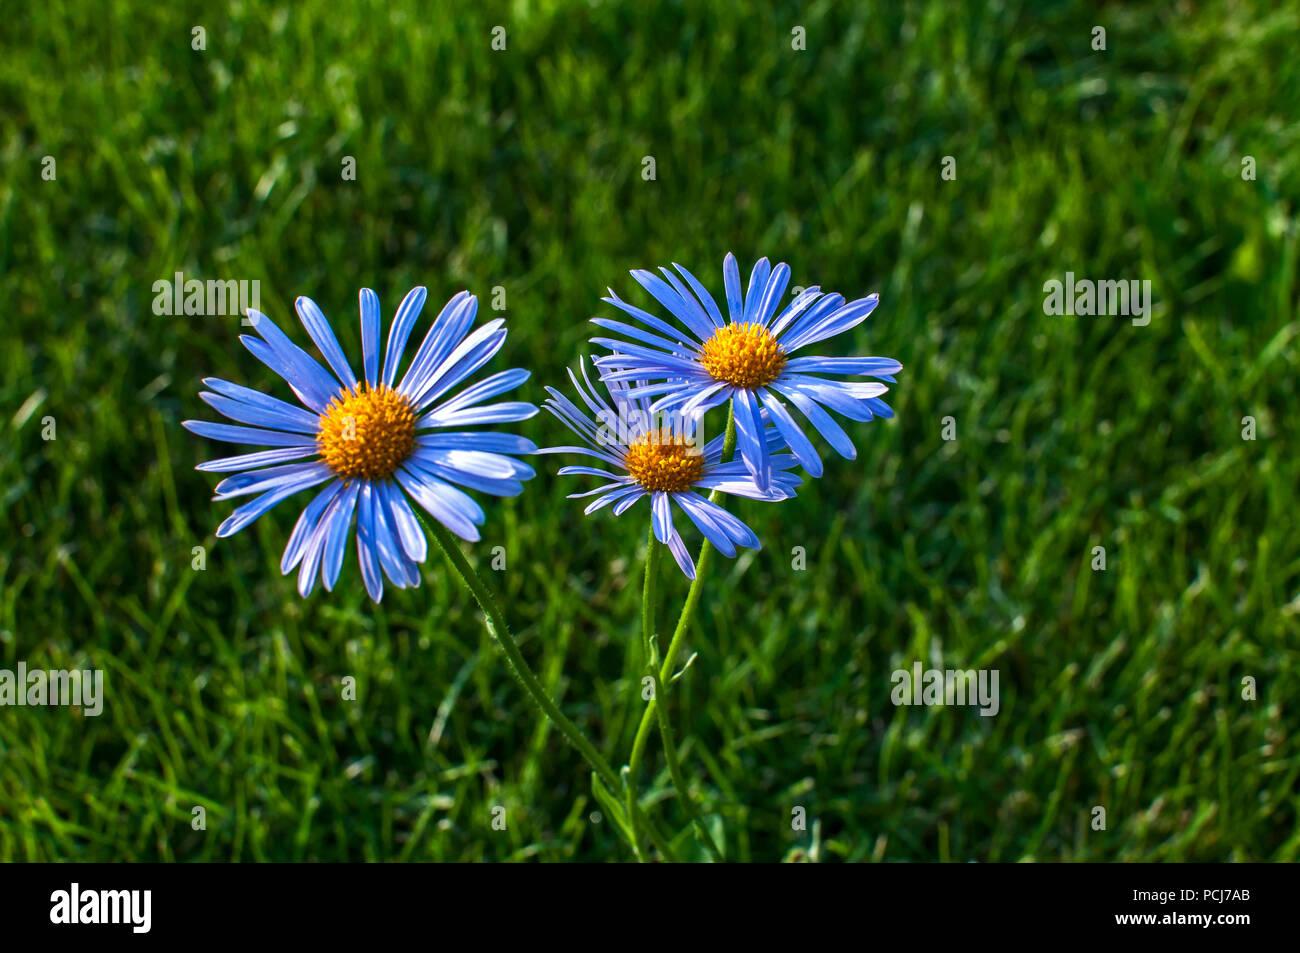 New England Blue Aster Flower Closeup On Green Grass Meadow